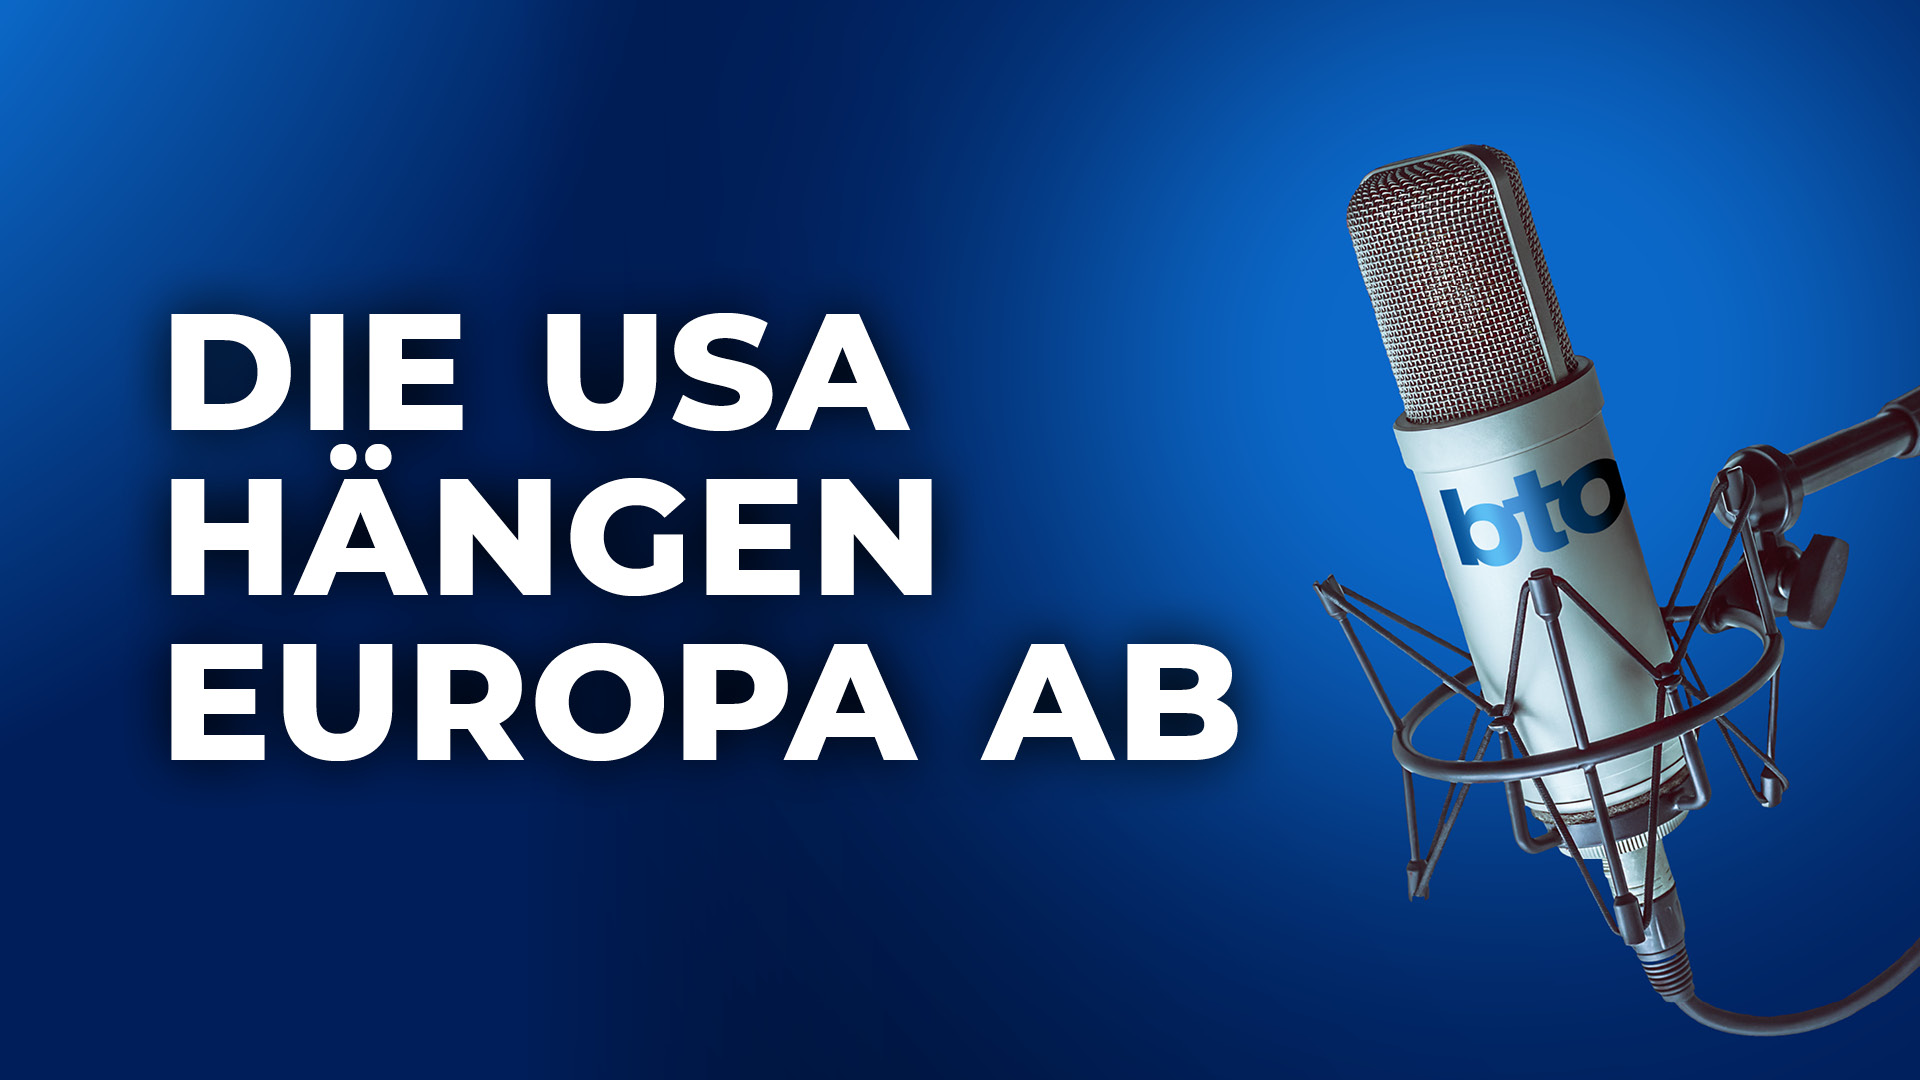 Die USA hängen Europa ab